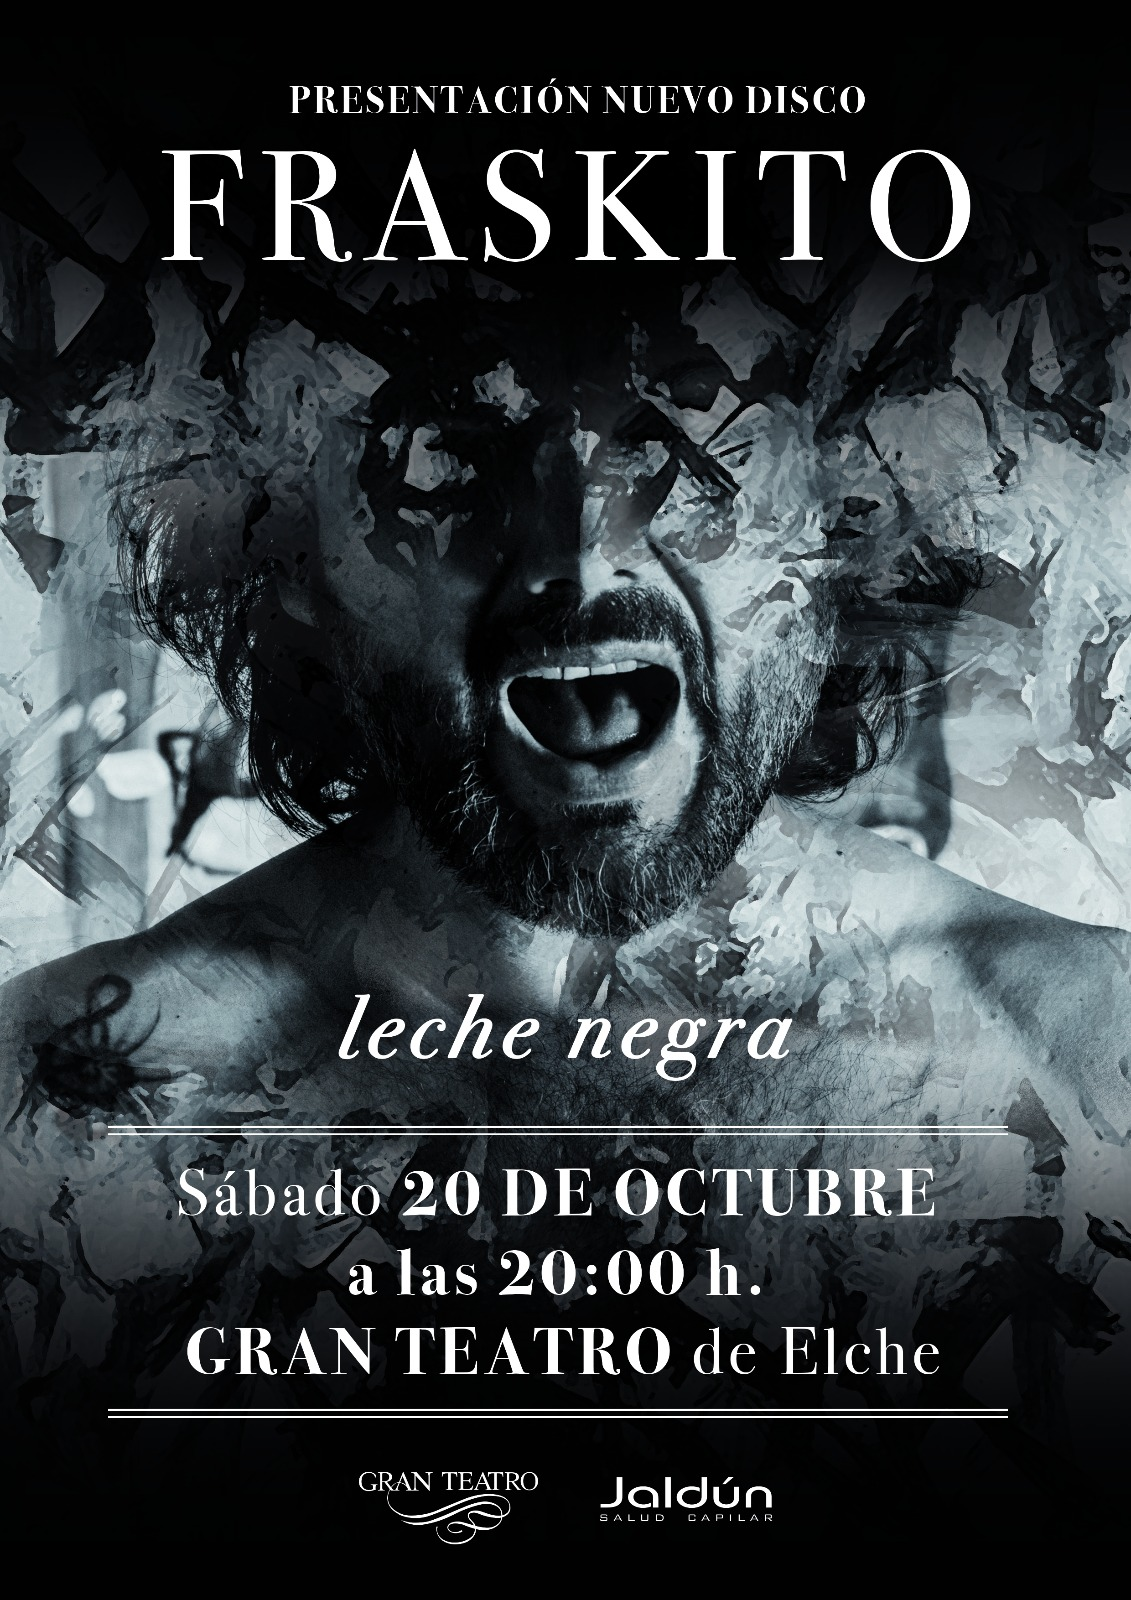 Poster Leche Negra Fraskito